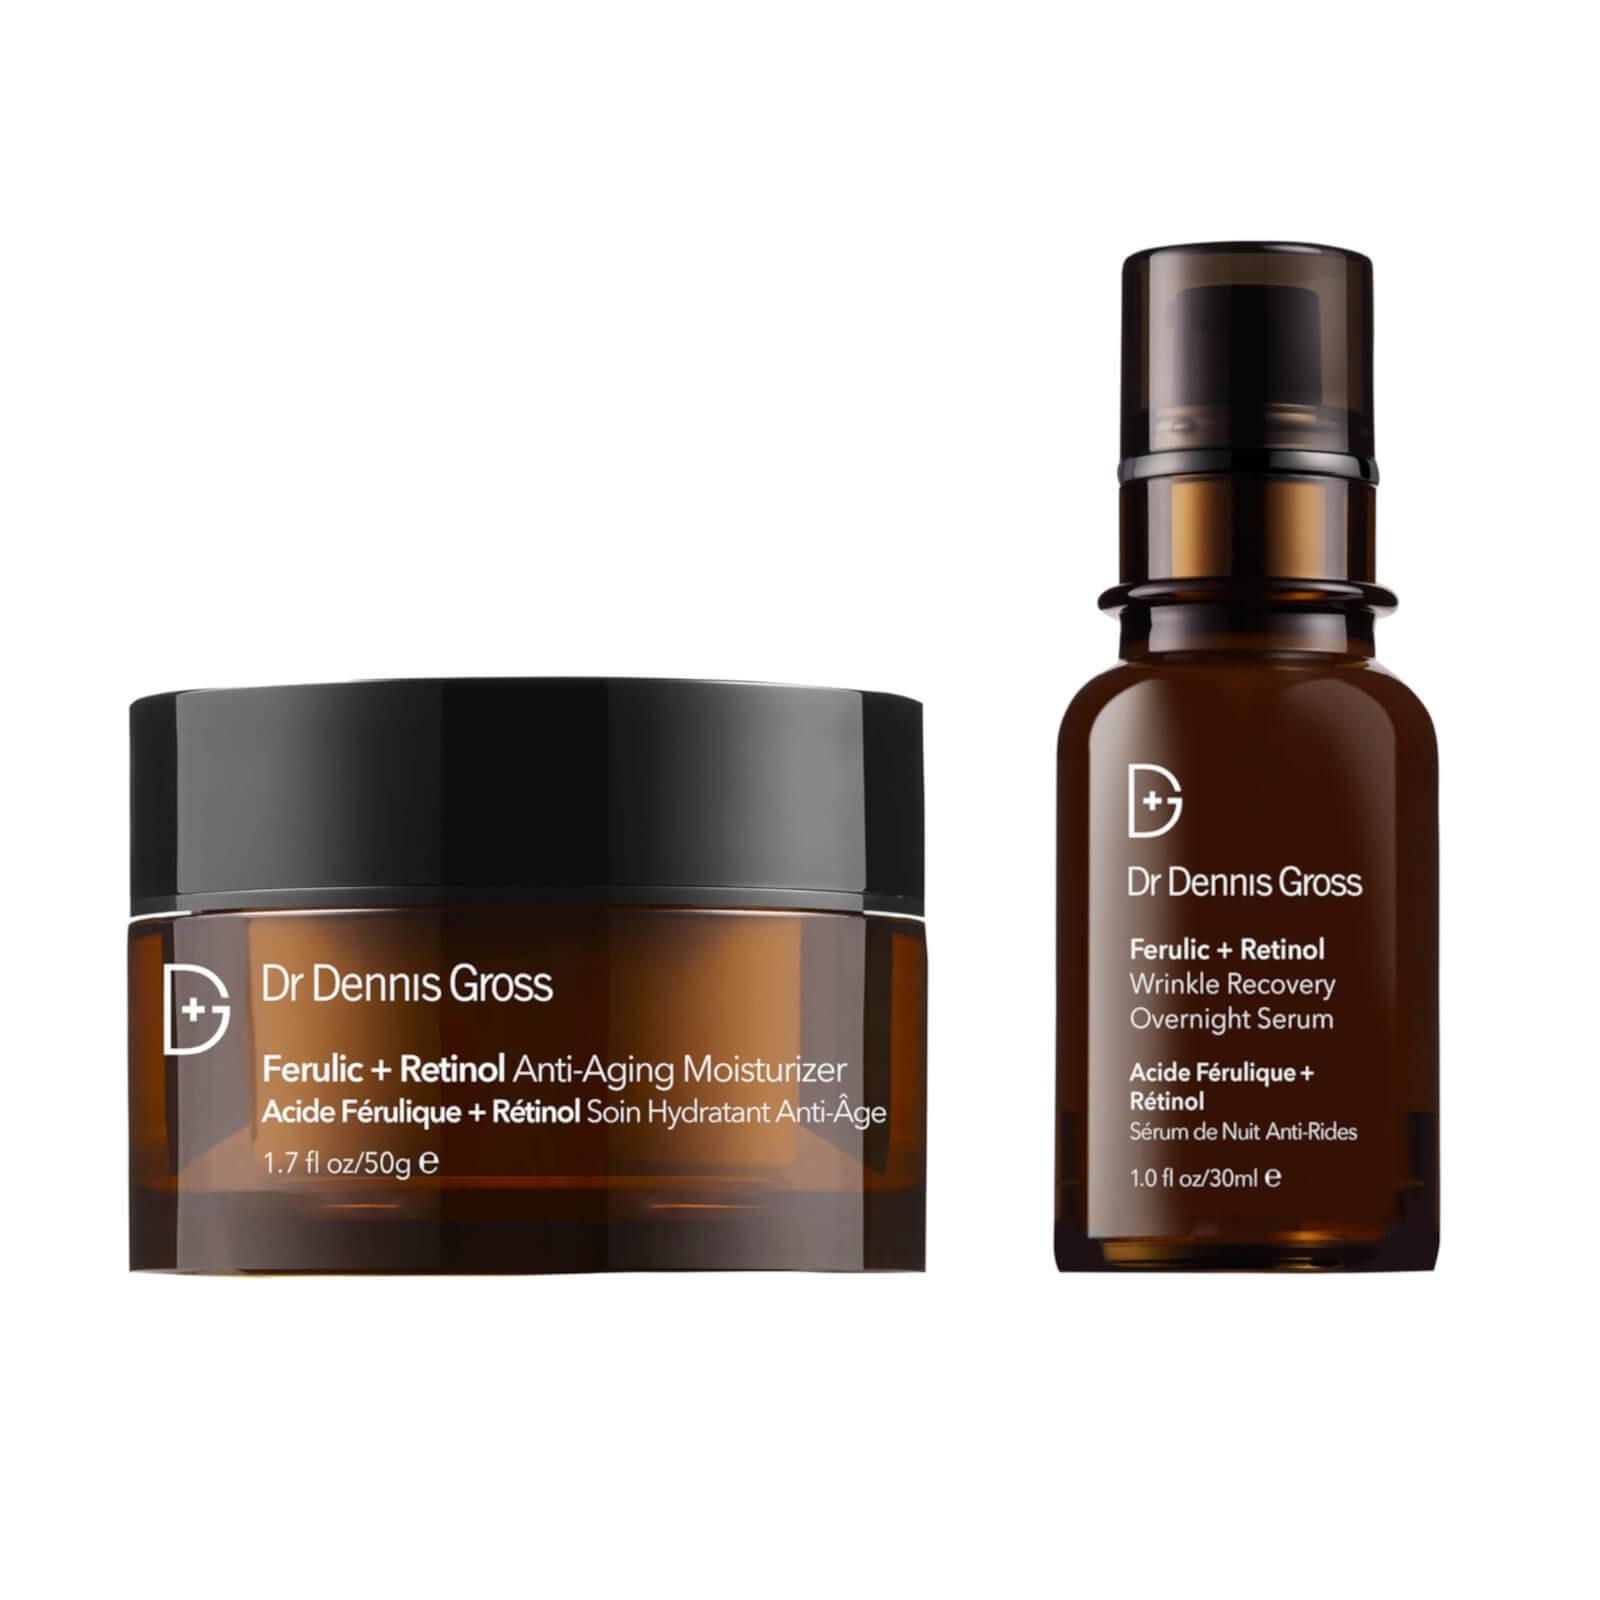 SkinStore:折扣页面,收利维肤套装、Dr dennis gross 夜间套装